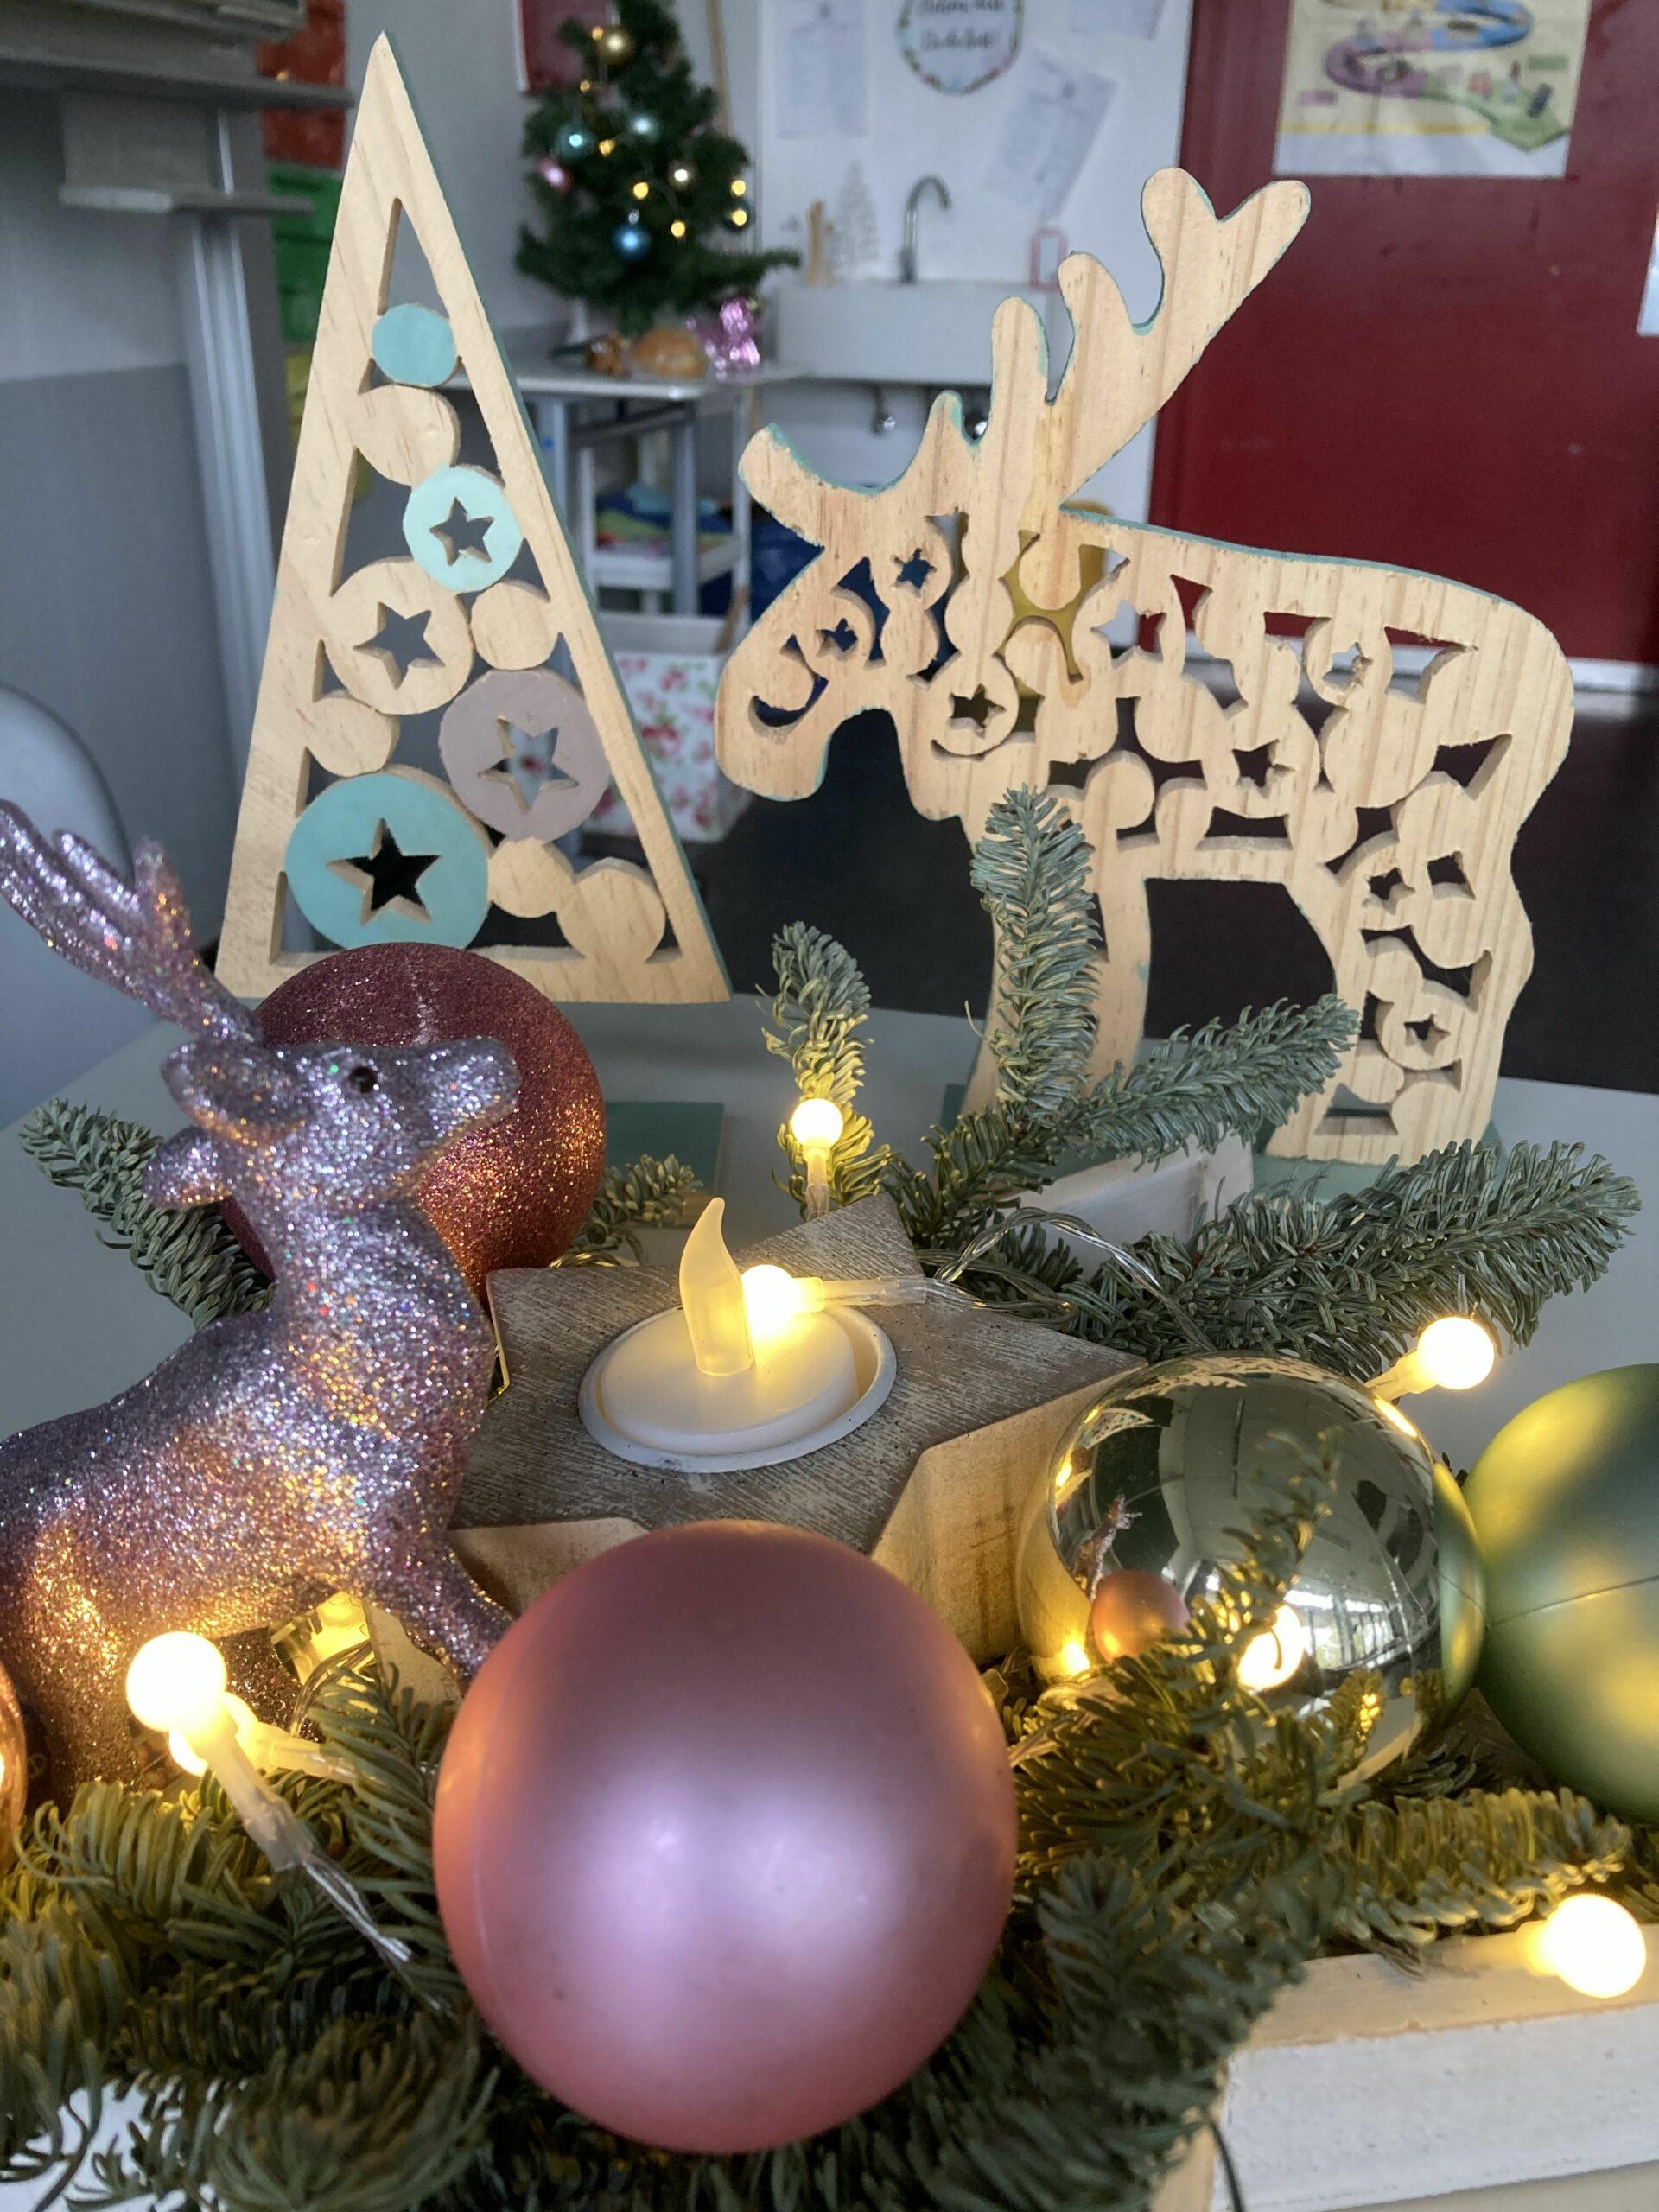 Wir wünschen allen eine schöne Adventszeit